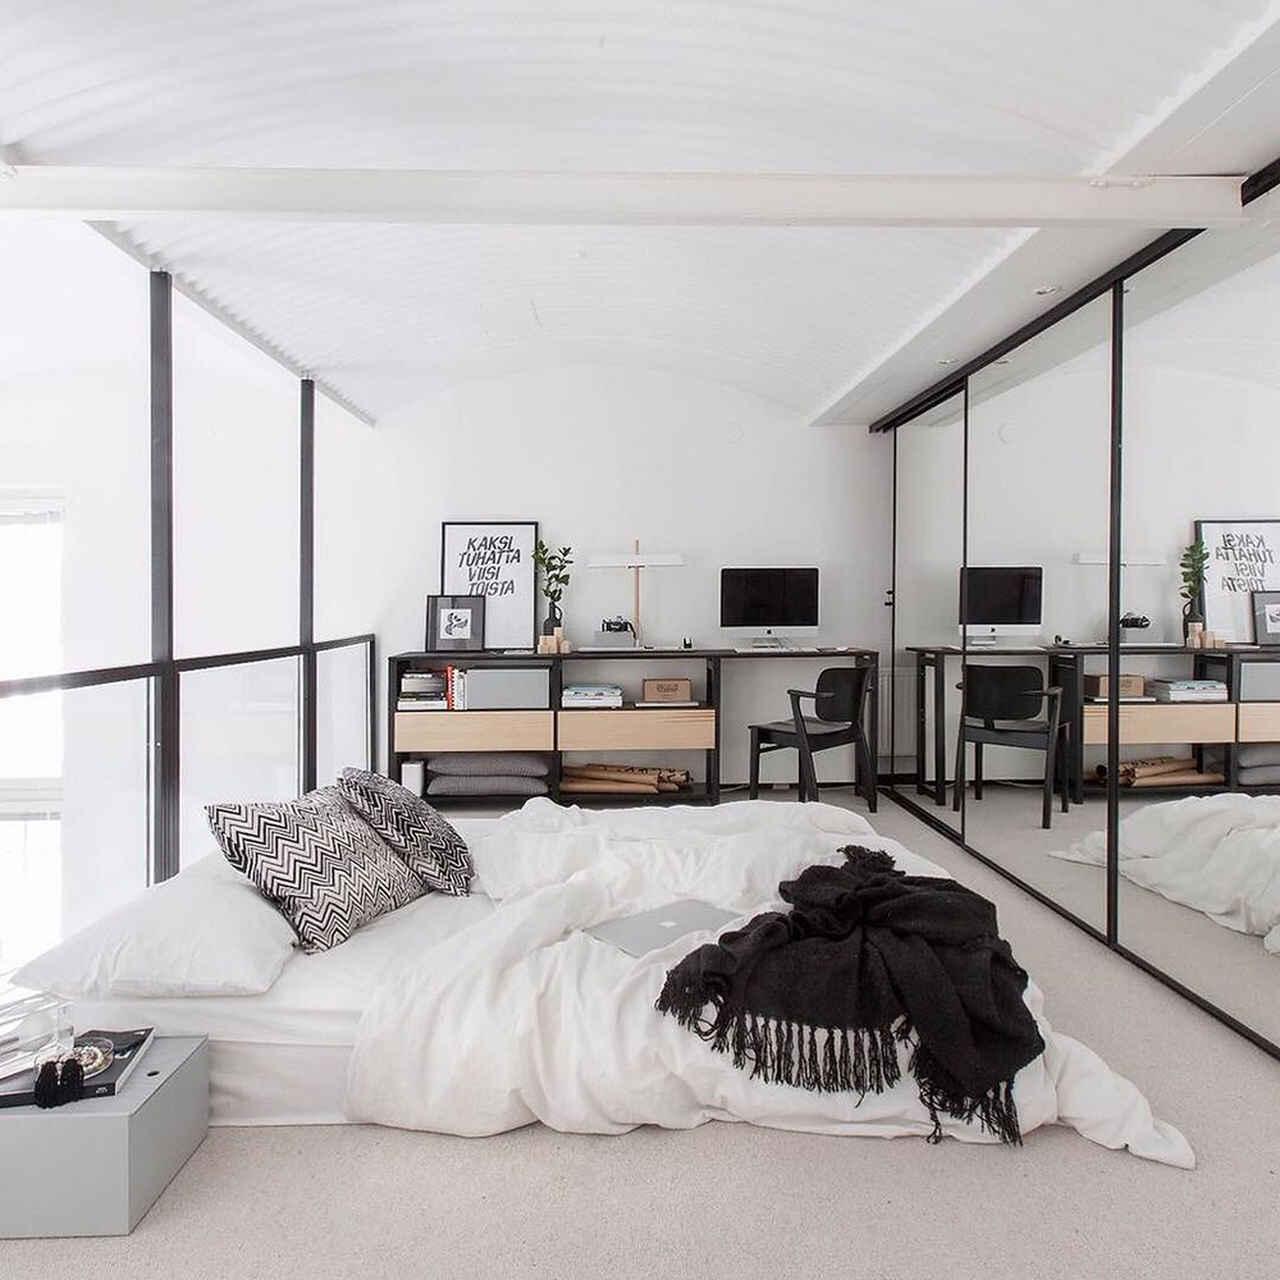 skandynawski styl aranżacji sypialni